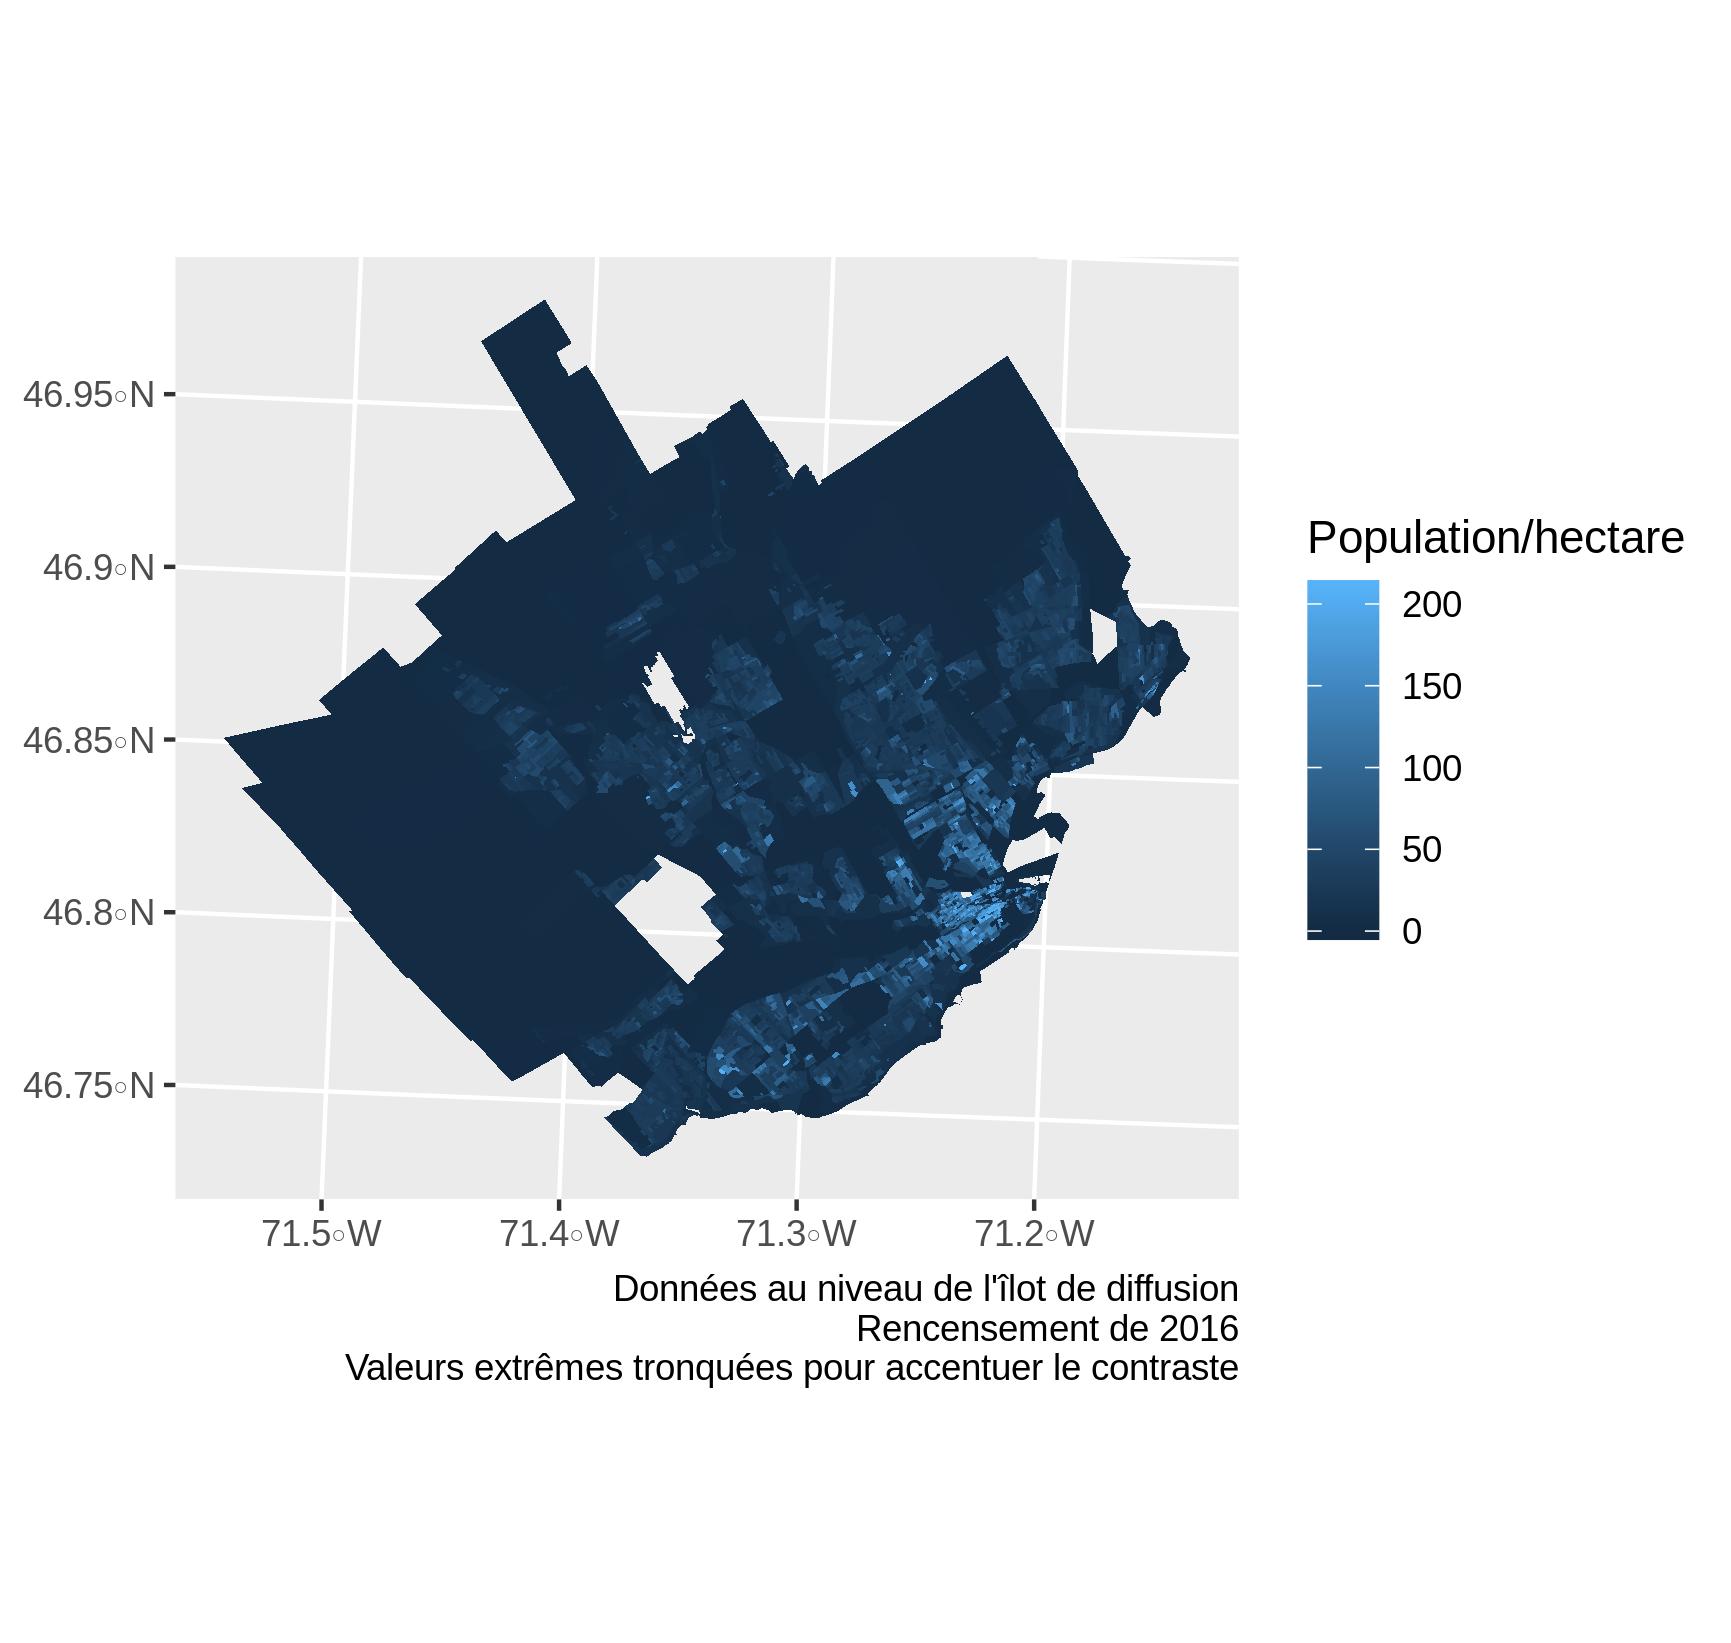 Densité de population par îlot de diffusion. Les zones en bleu foncé sont peu ou pas peuplées. La population est concentrée dans une région beaucoup plus petite que la superficie totale de la ville.